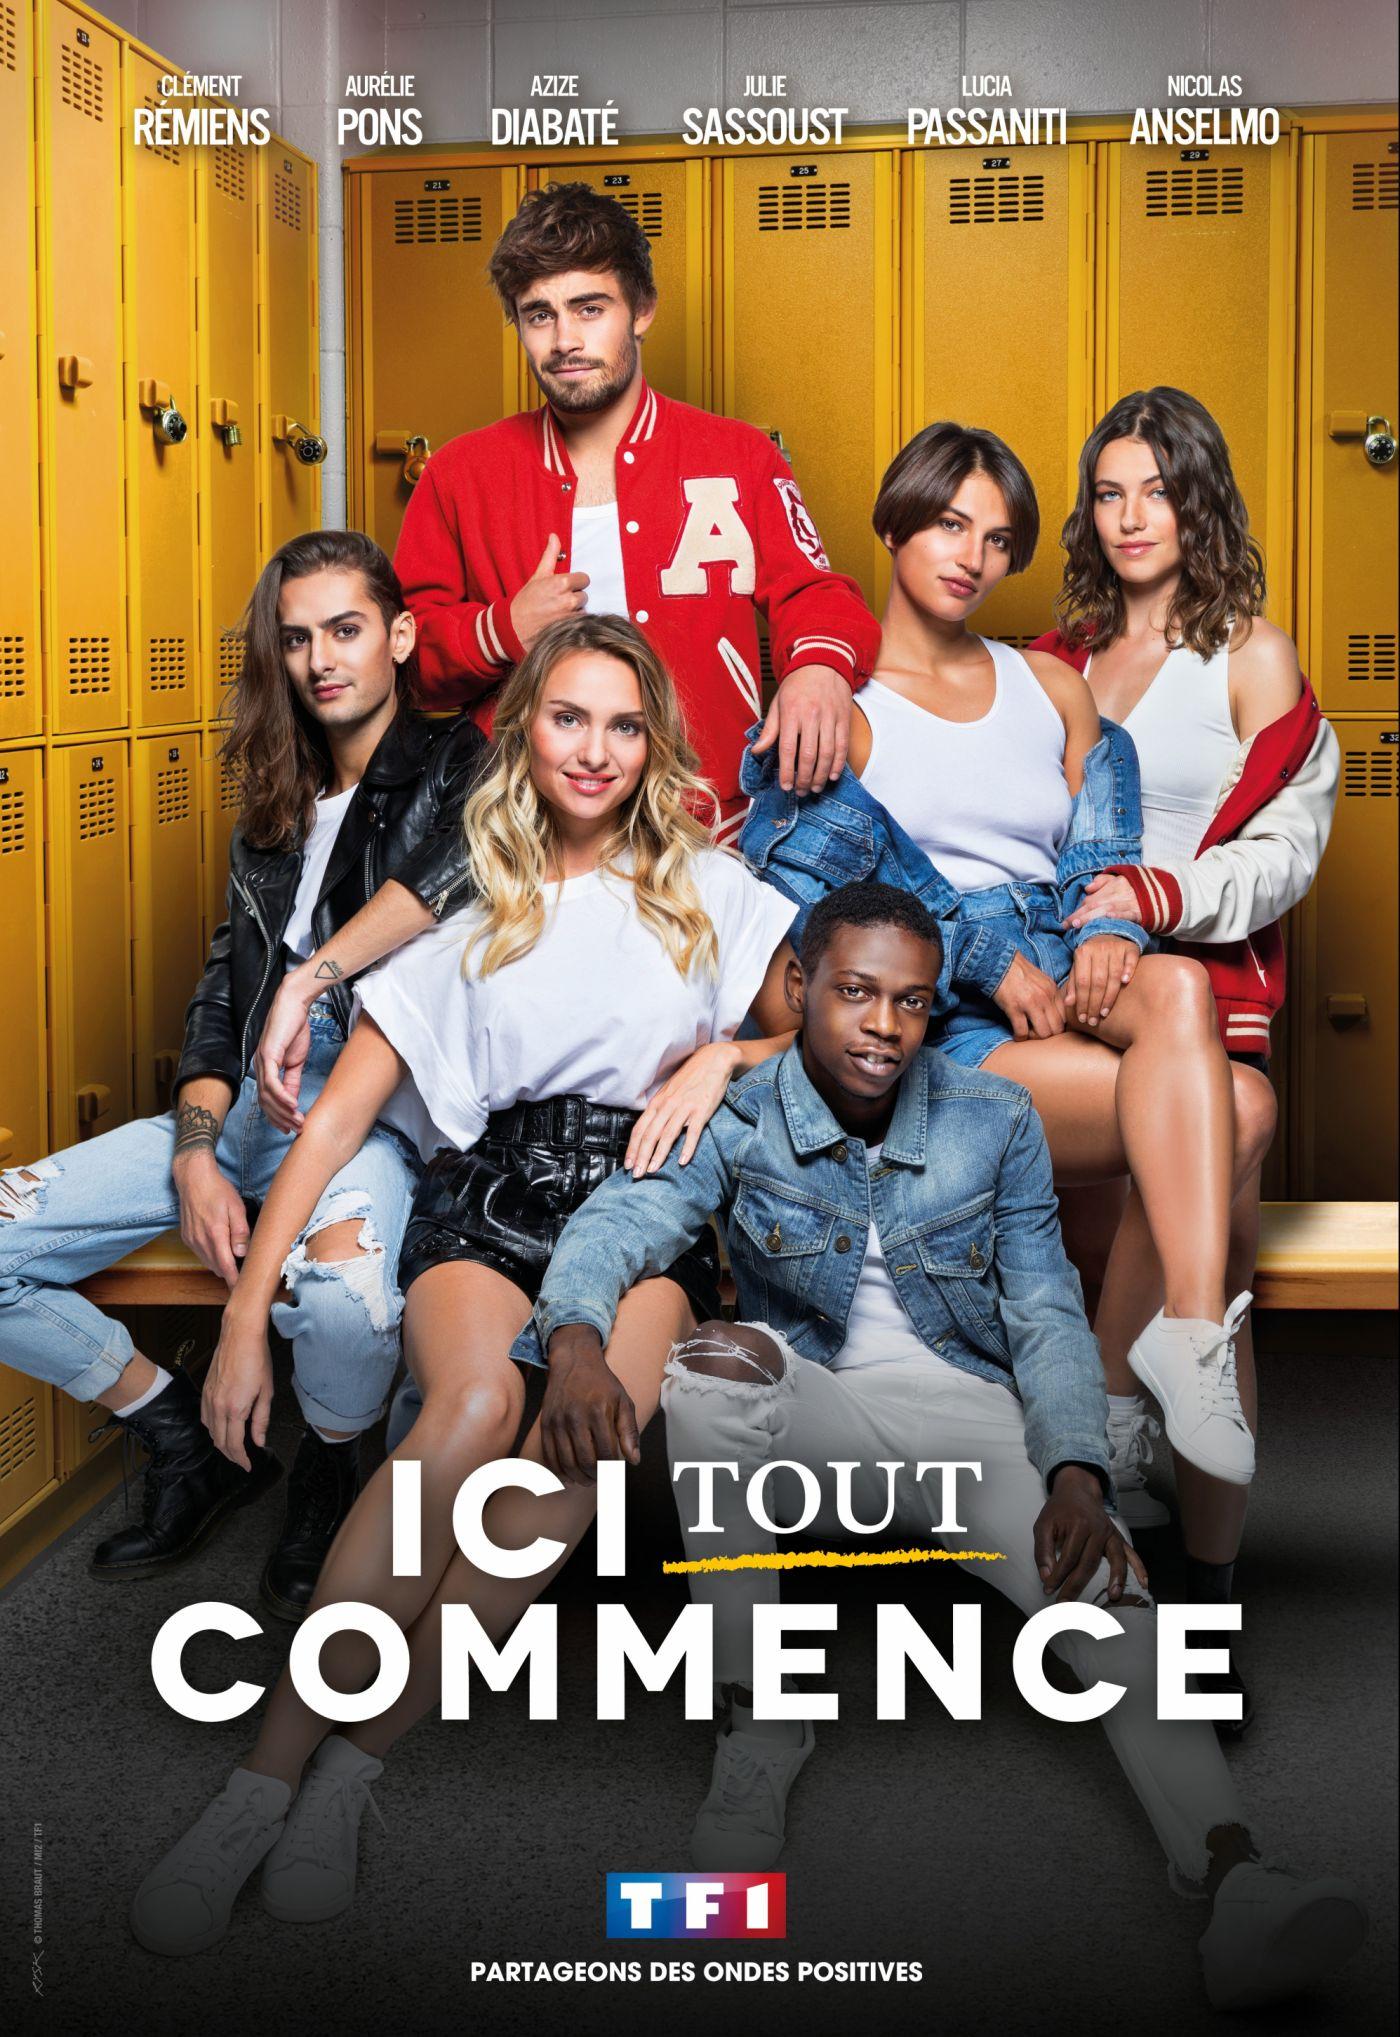 Julie Sassoust, Aurélie Pons, Nicolas Anselmo, Azize Diabaté Abdoulaye, Lucia Passaniti, and Clément Rémiens in Ici Tout Commence (2020)